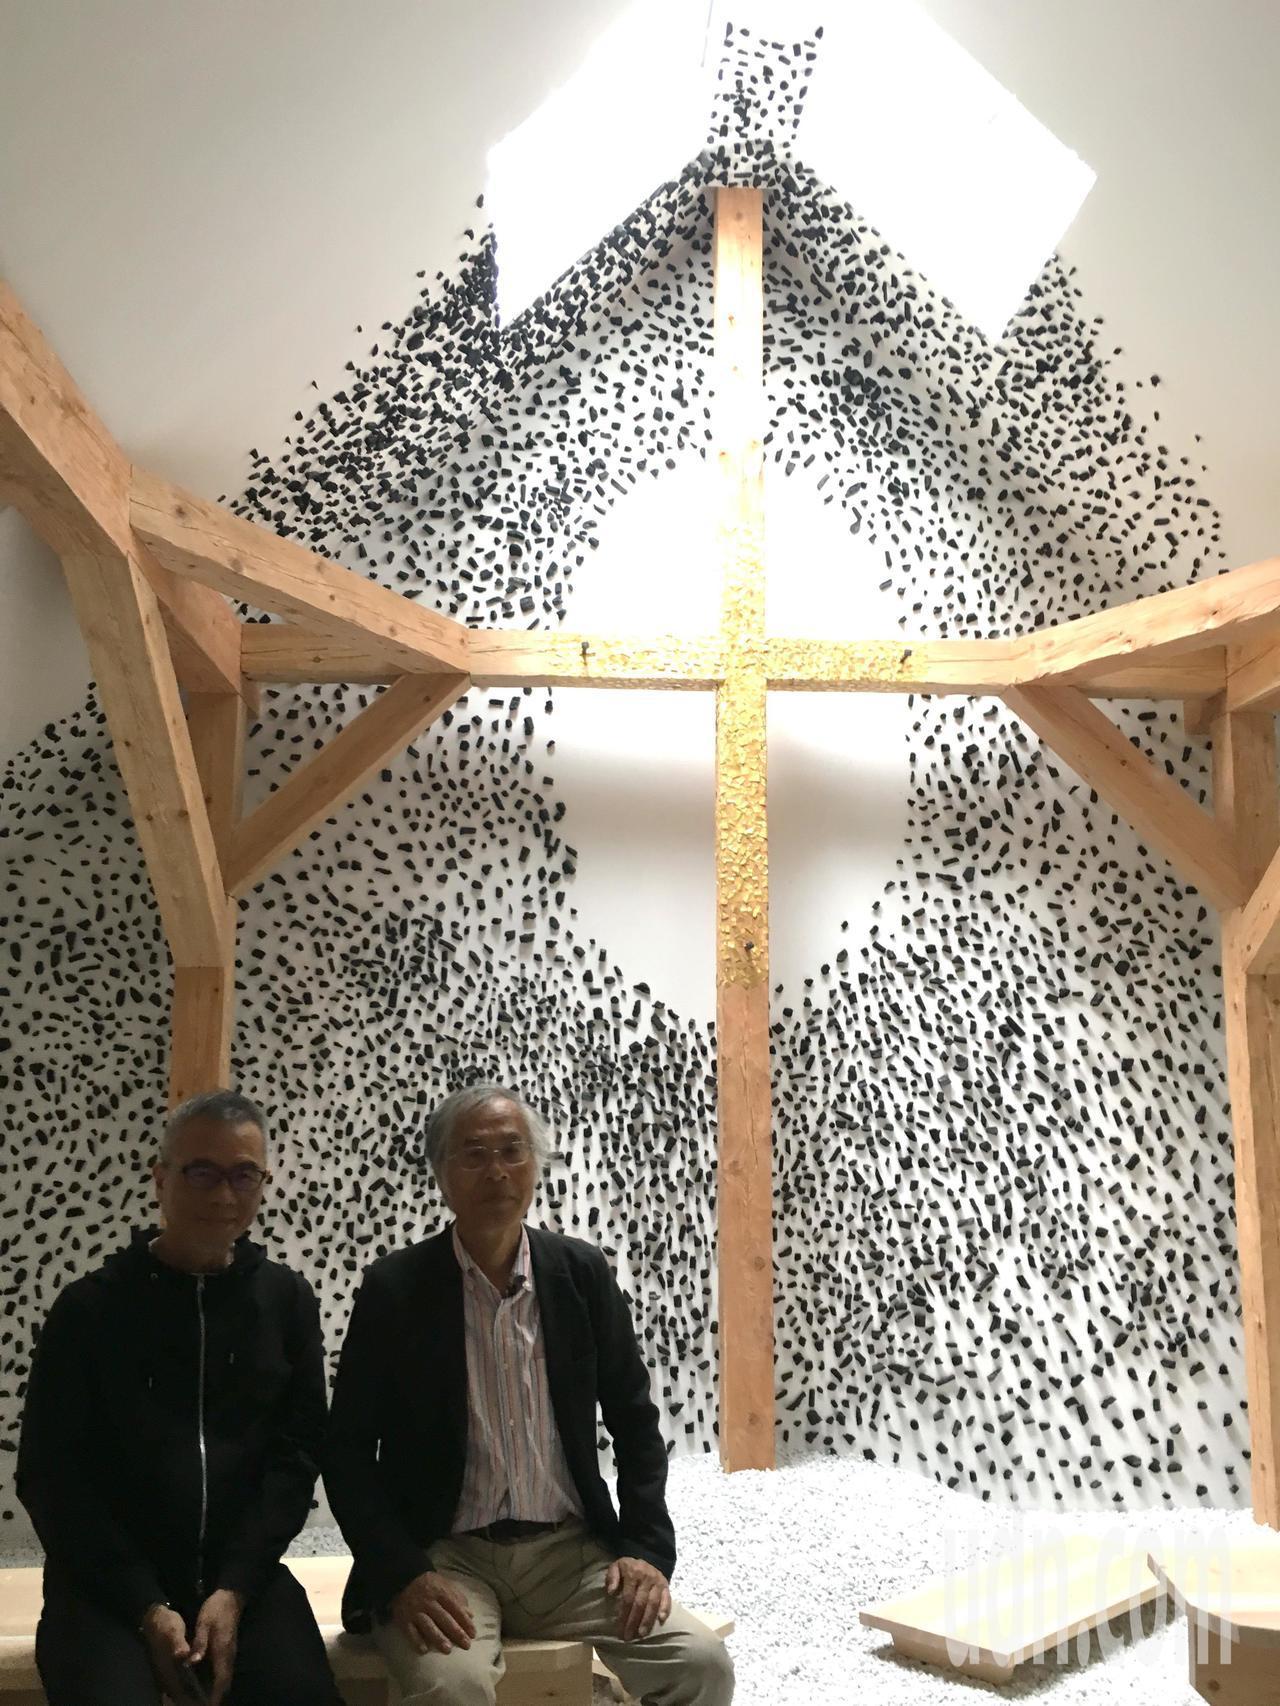 日本建築家藤森照信(右)受梵蒂岡之邀,在威尼斯建築雙年展蓋的小教堂內部。圖左為他...